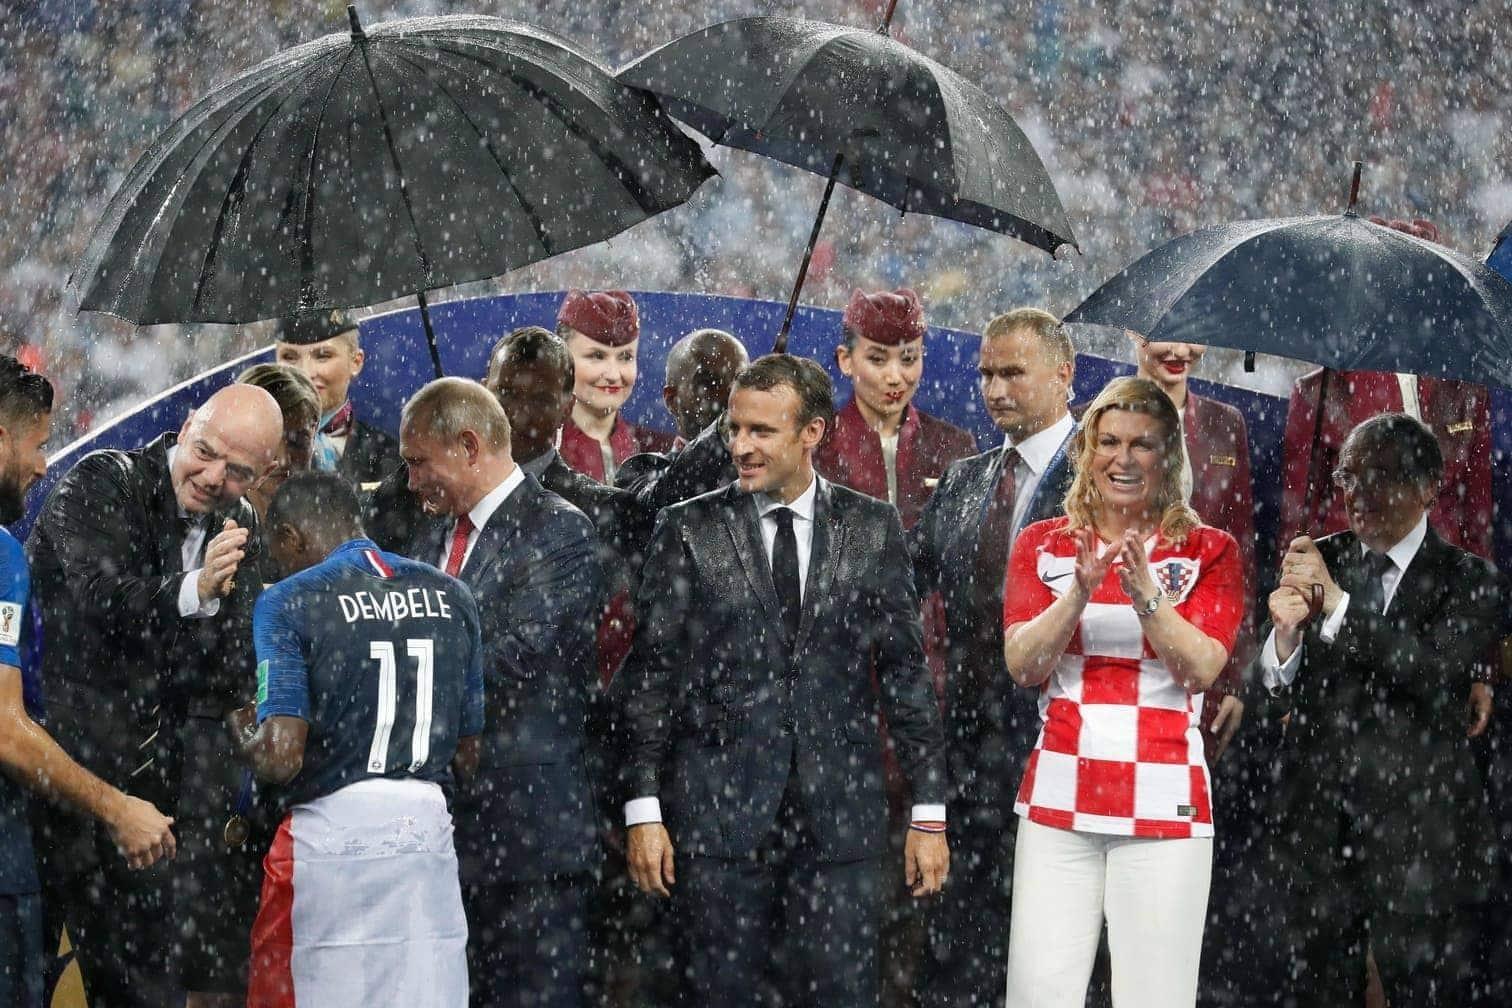 <p>Das scheint für alle Beteiligten ganz normal zu sein. Selbst der Fifa-Chef Gianni Infantino (links) winkt lässig im Regen ab. Macron jubelt über den französischen Triumph &ndash; der Regen scheint ihm komplett egal zu sein.</p> Foto: dpa